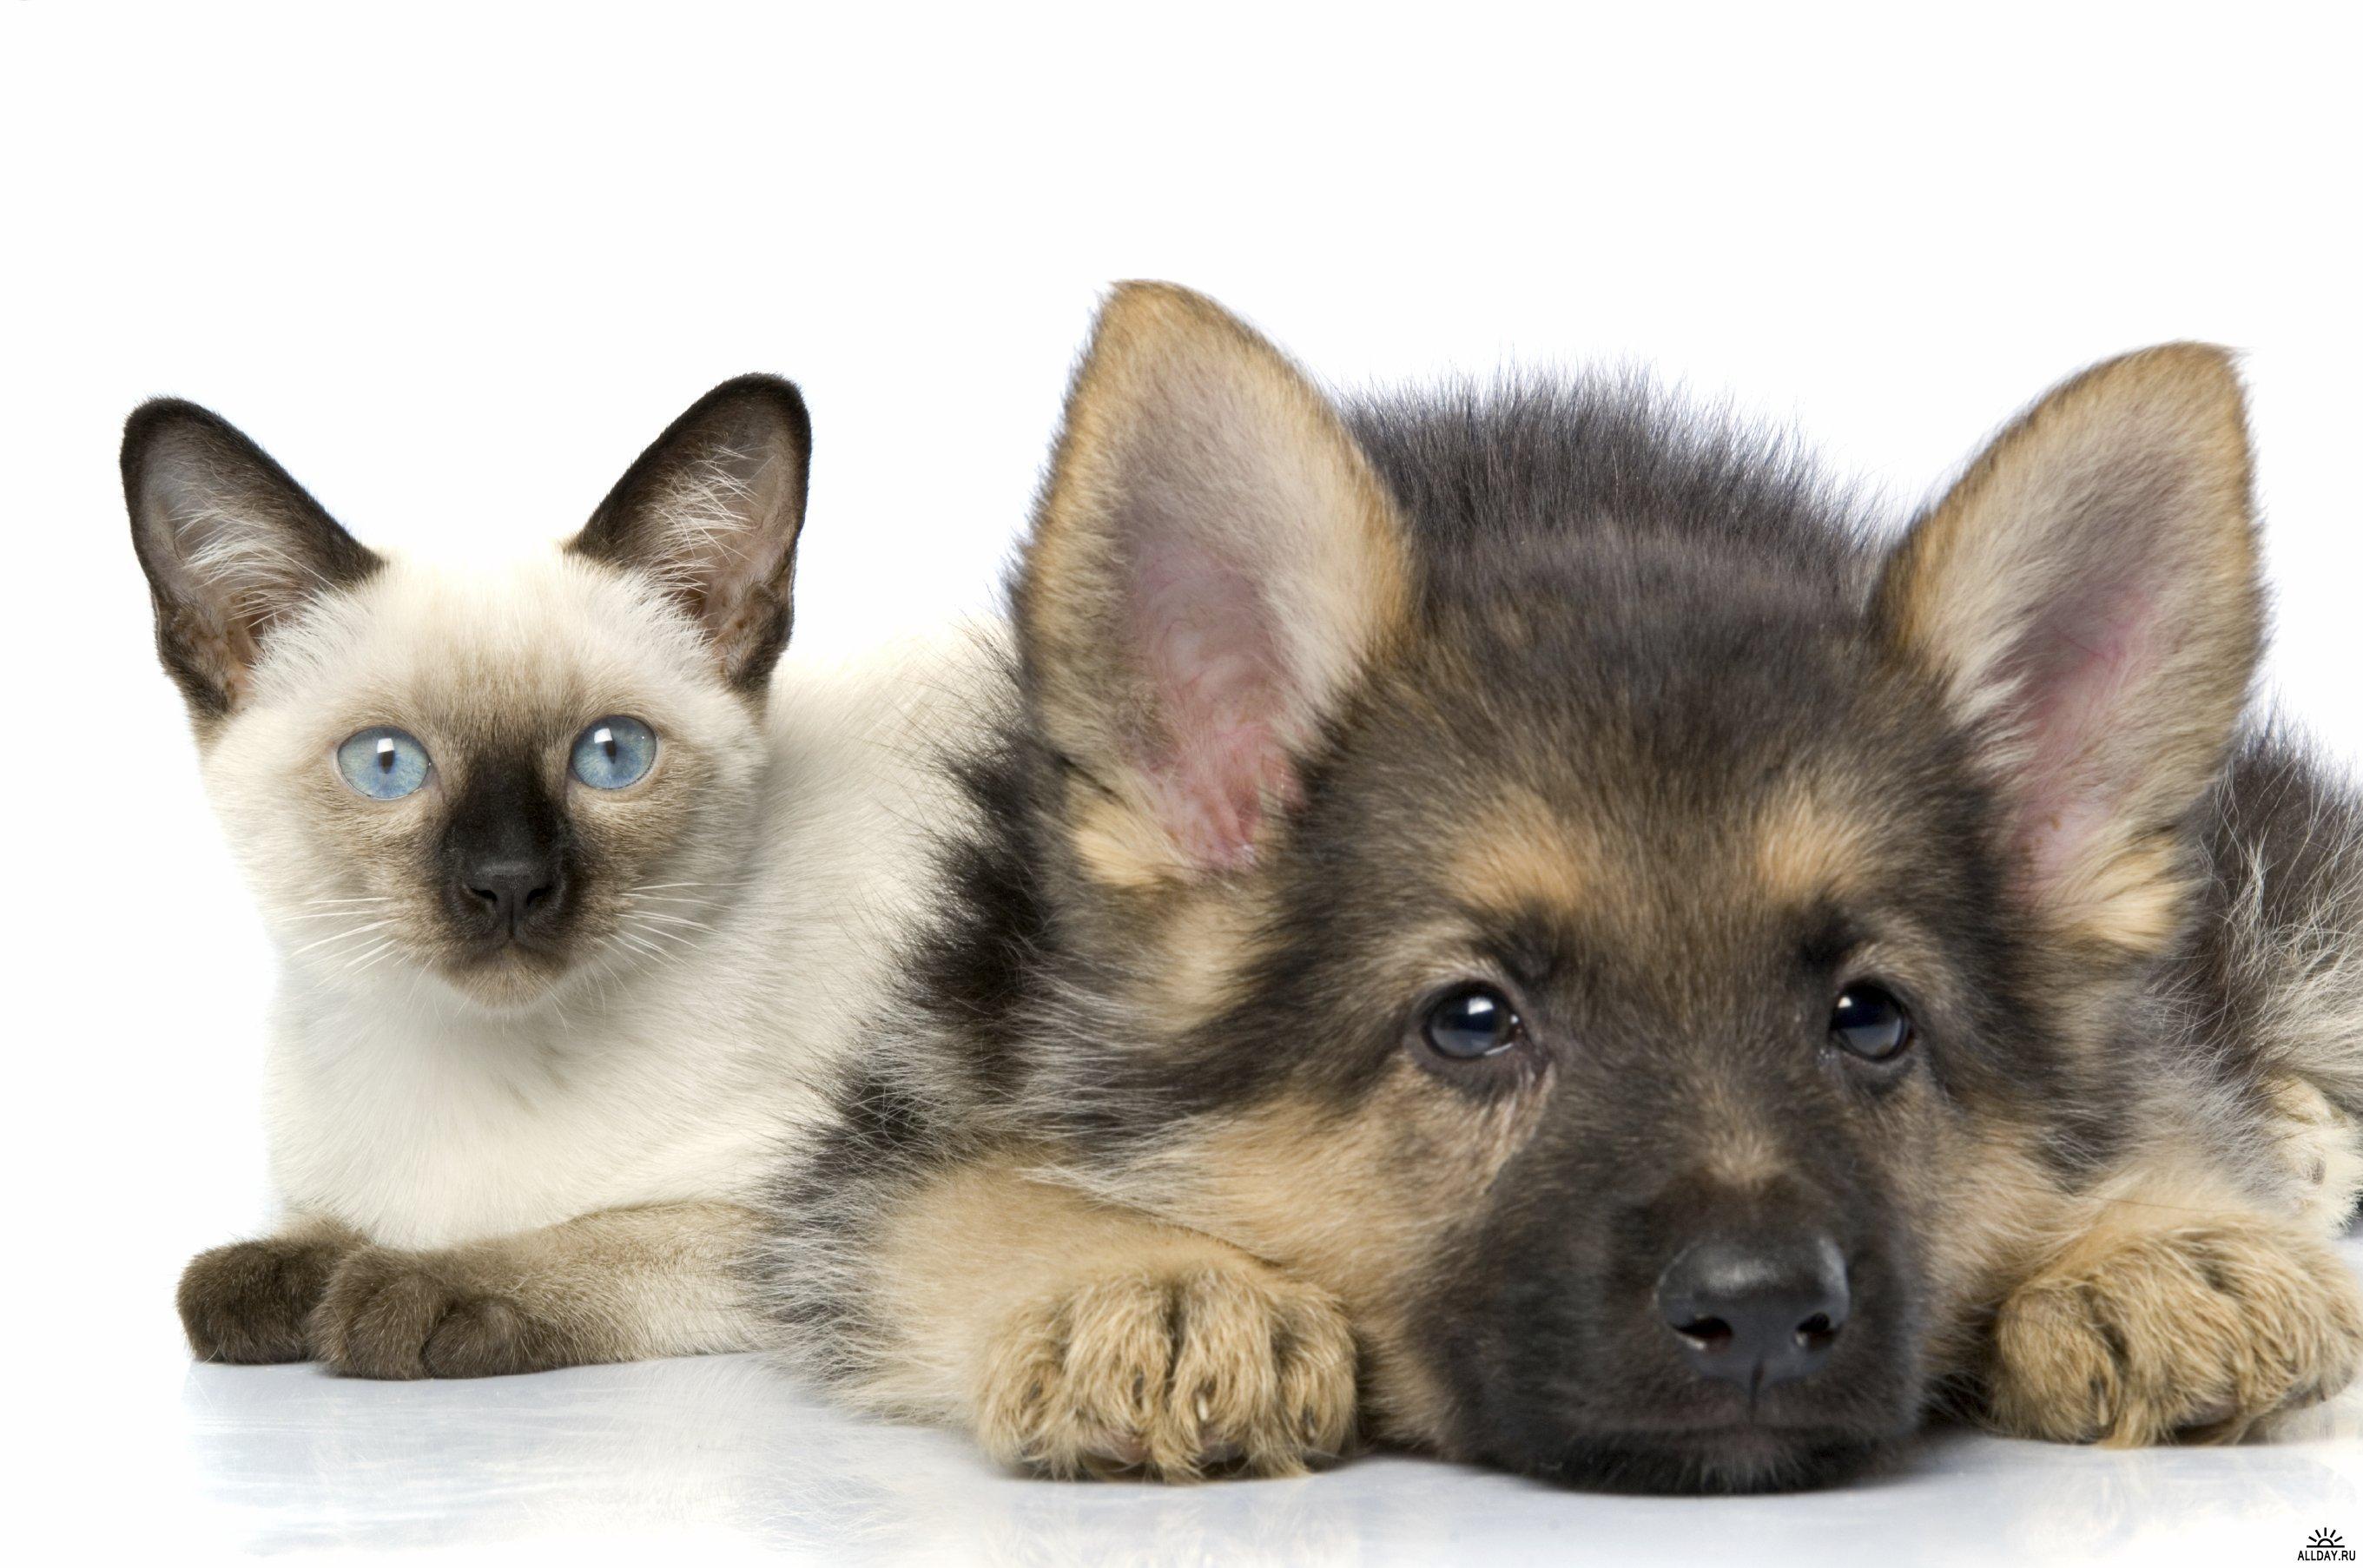 Москвичи предпочитают собак, а петербуржцы - кошек